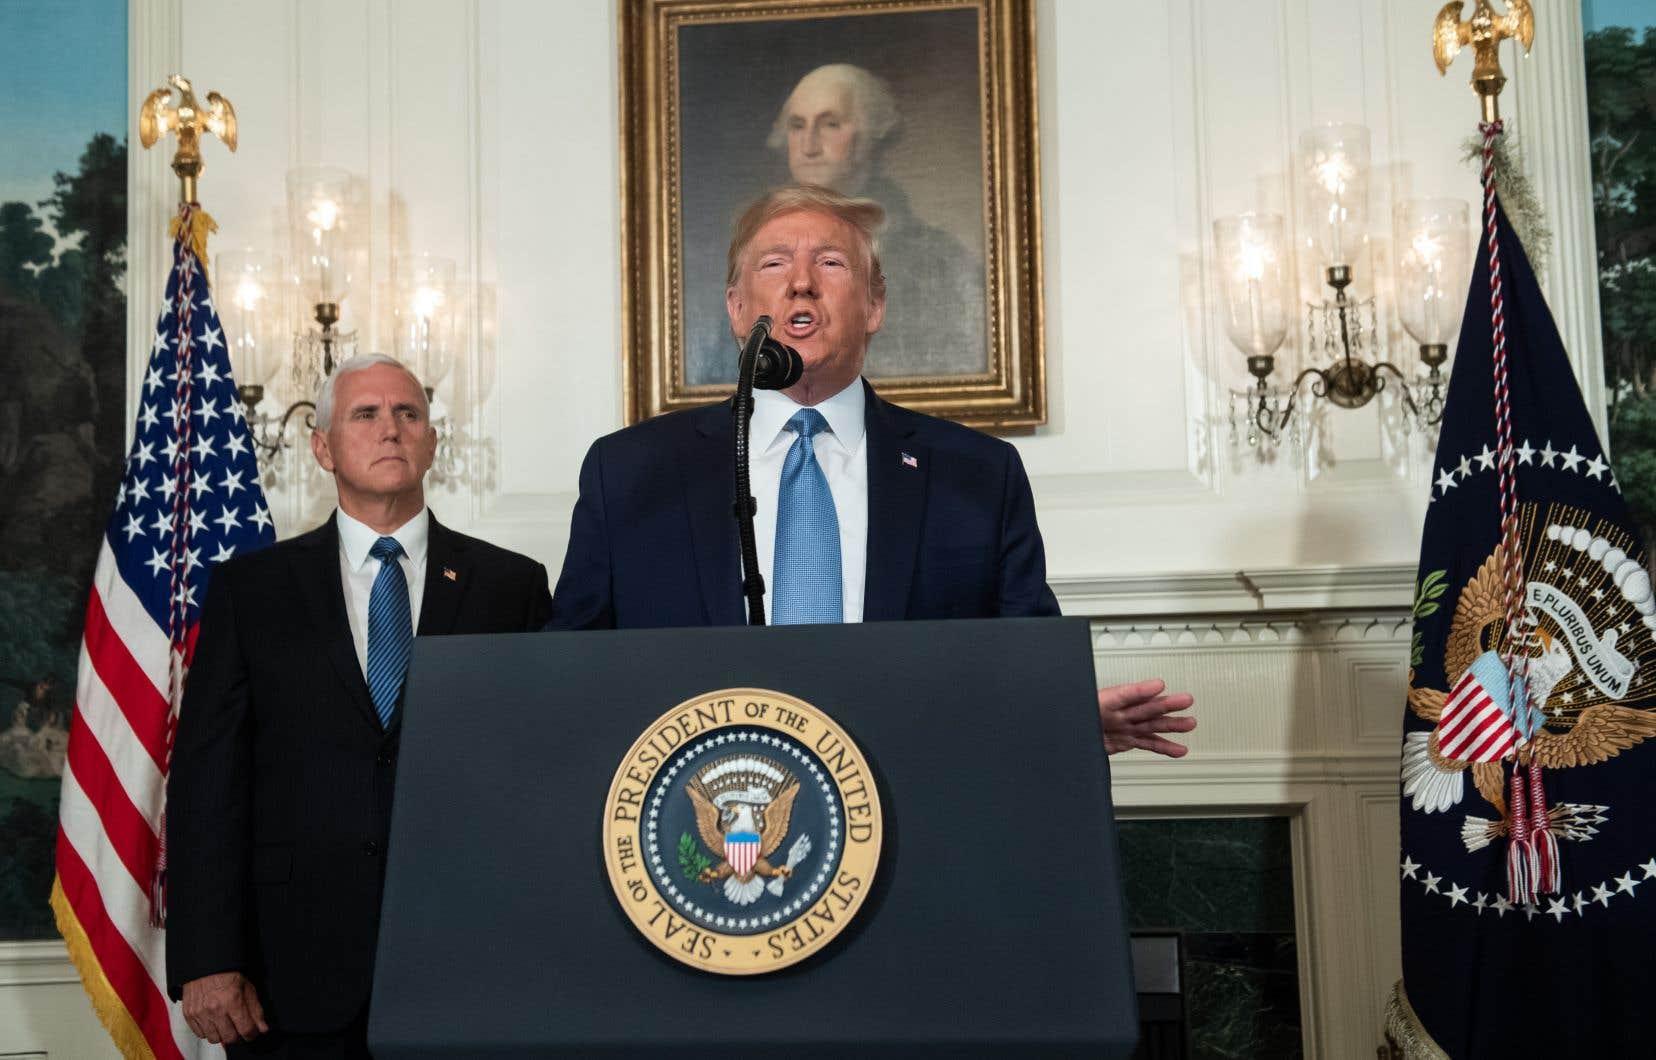 «Notre nation doit condamner d'une seule voix le racisme, le sectarisme, et le suprémacisme blanc», a déclaré Donald Trump depuis la Maison-Blanche.